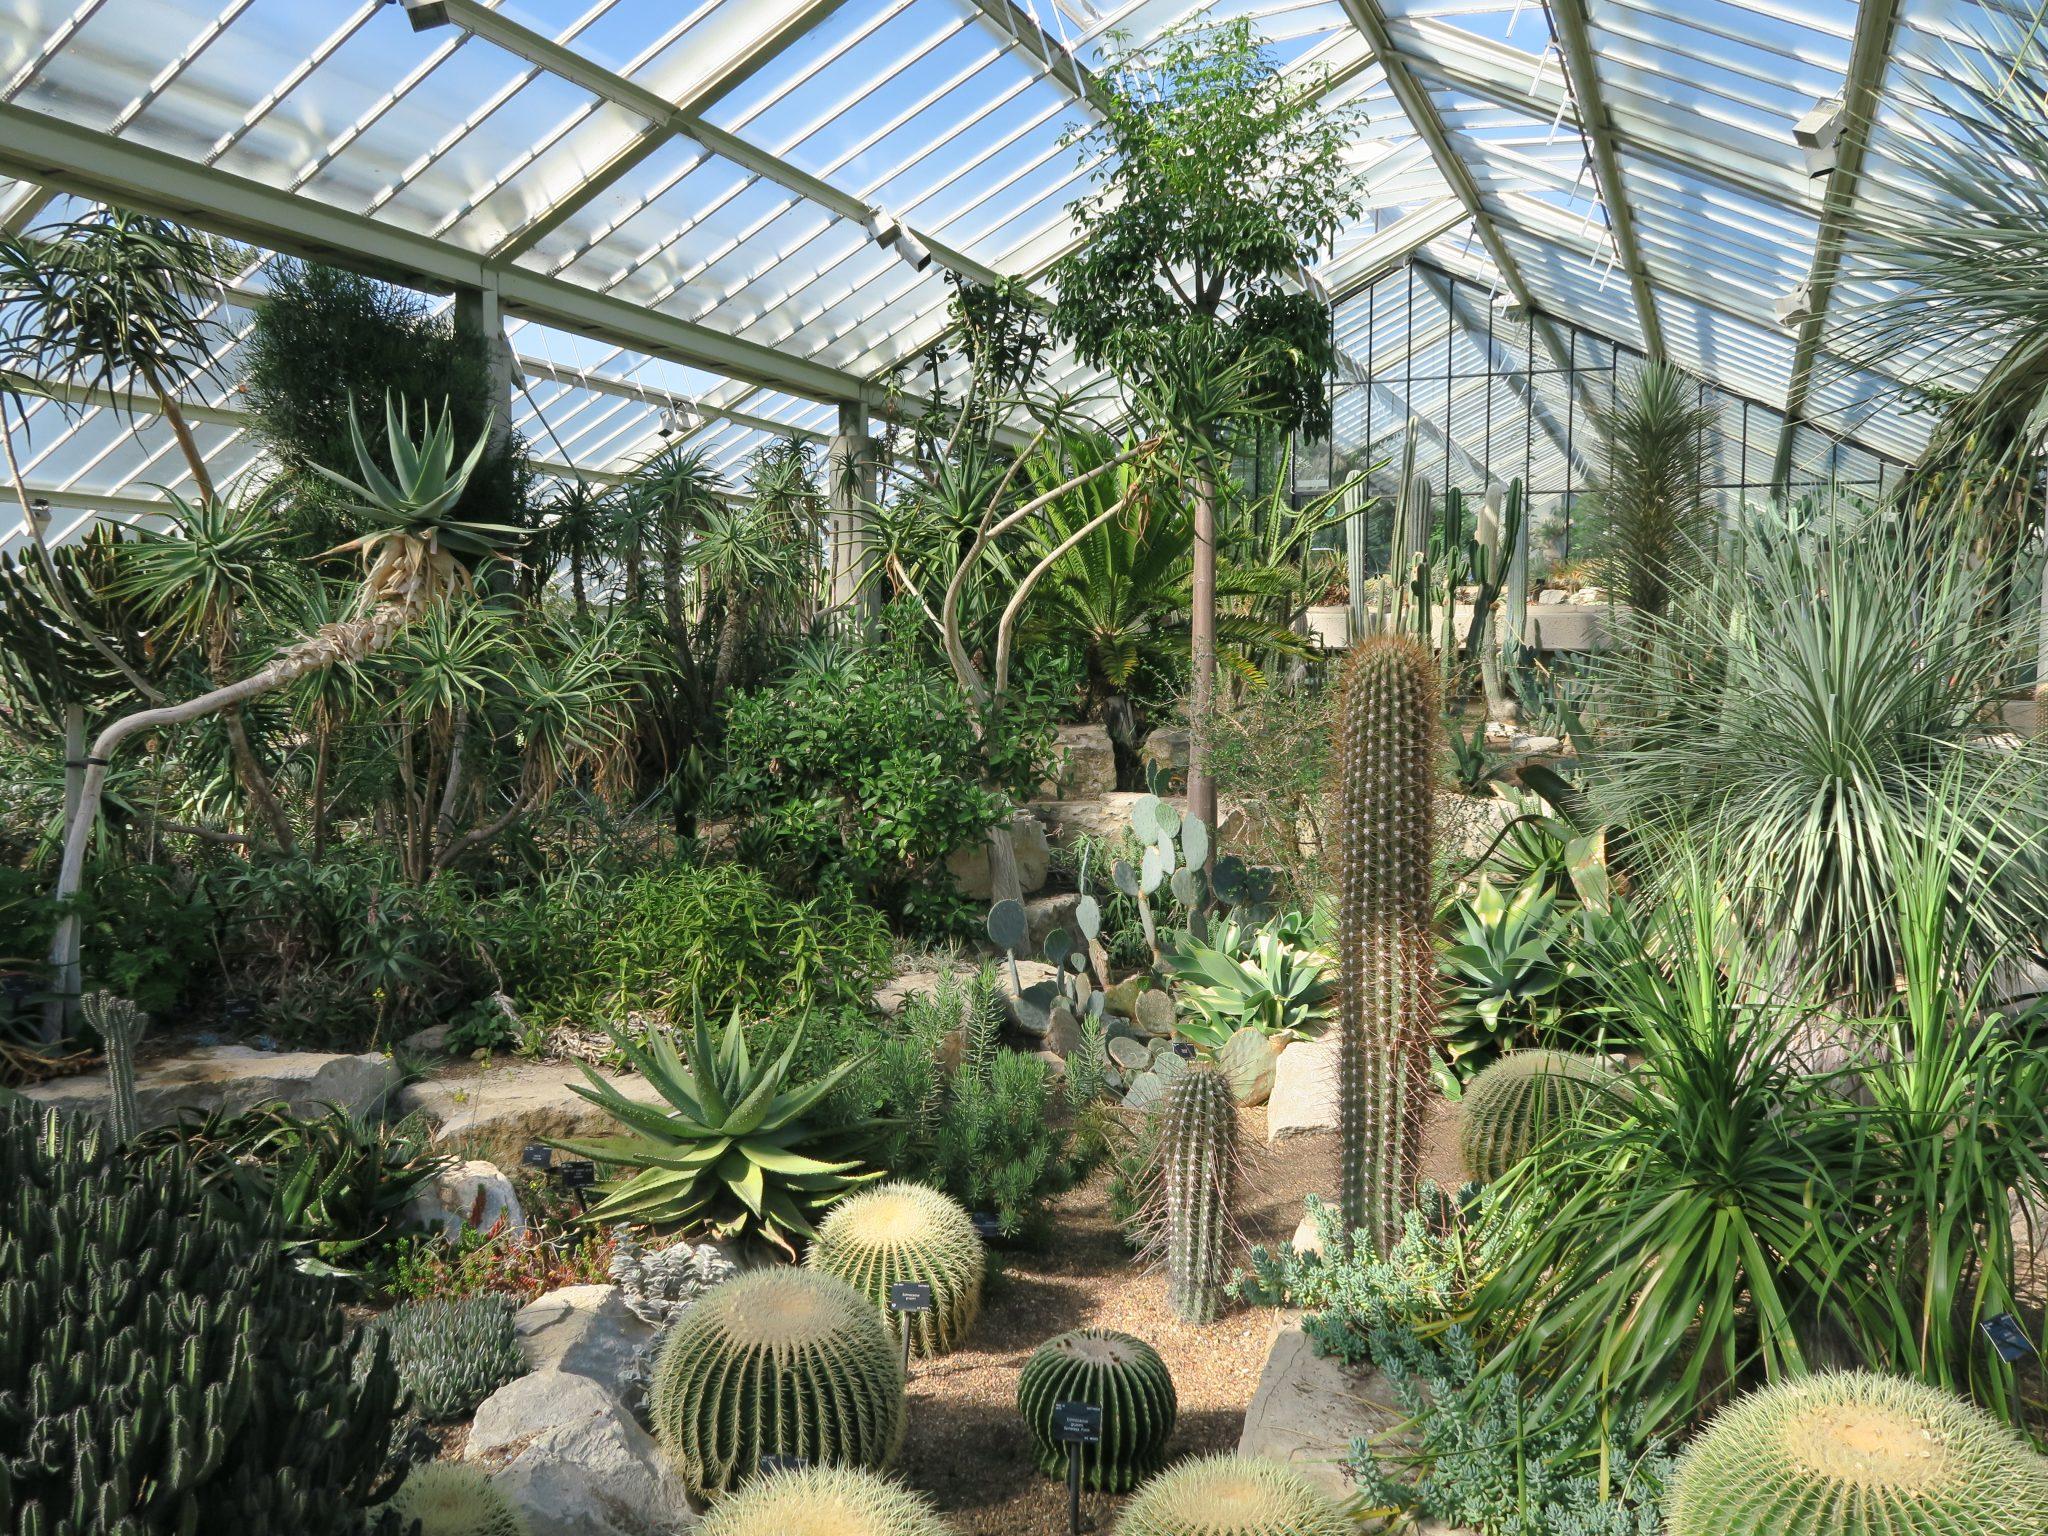 Kew Gardens Food Review